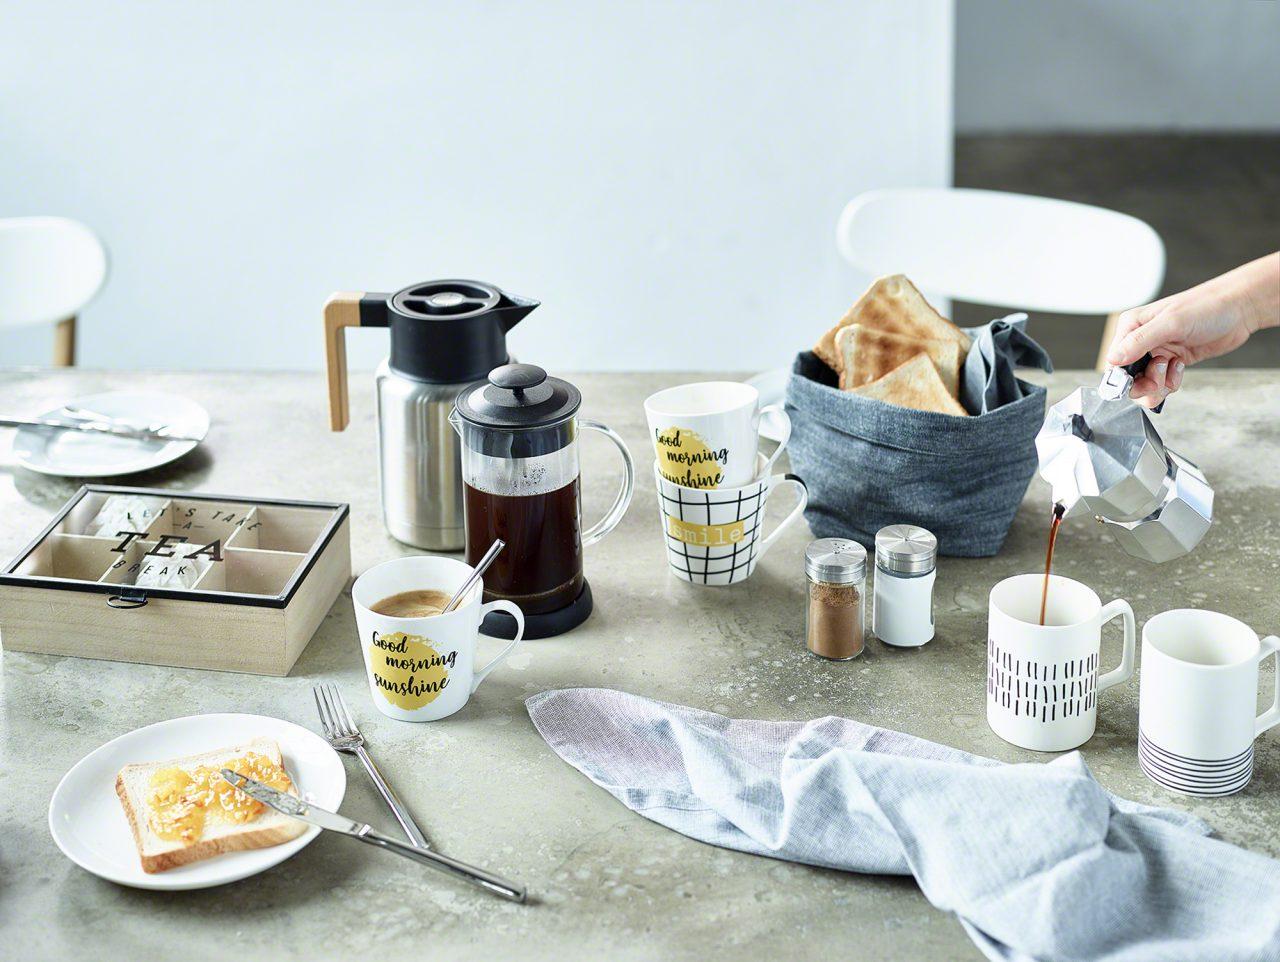 a+r, articusroettgen, articusroettgenfotografie, produktfotografie, koblenz, bonn, frankfurt, brohl, koeln, depot, plakat, kueche, fruehstueck, kaffee, tee, tea, sunshine, morgen, good morning, tisch, tasse, brot, toast, essen, marmelade, gemuetlich, aufwachen, gedeck